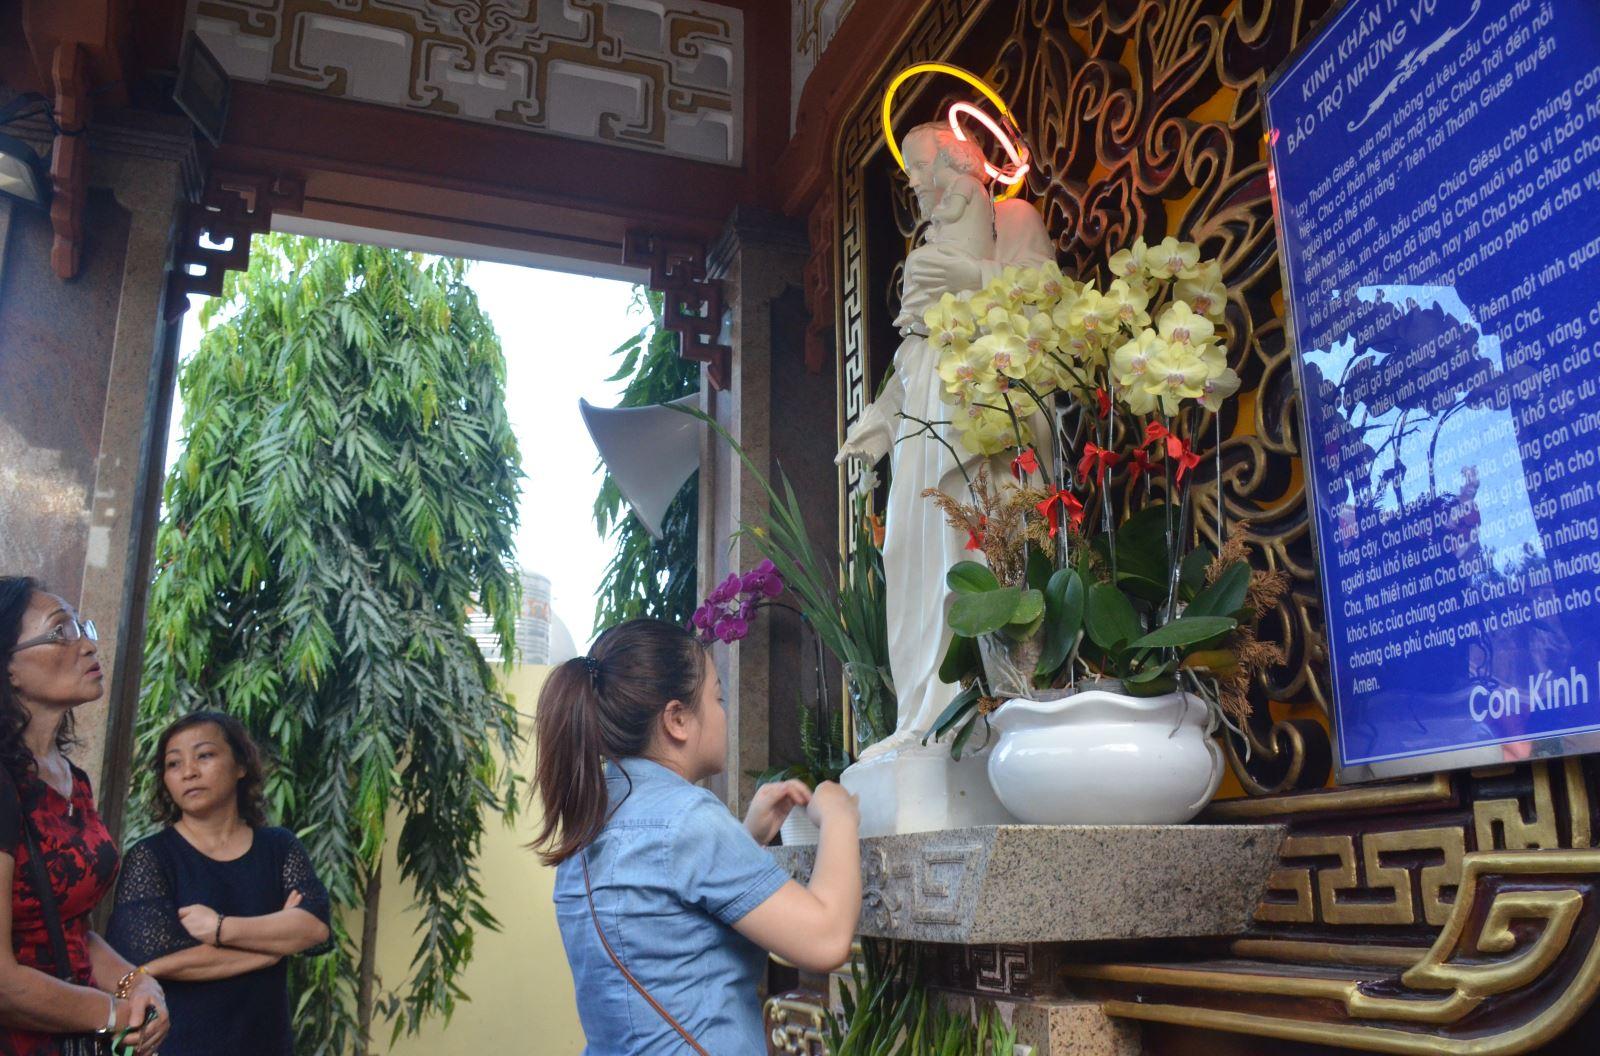 Ngôi đền kính thánh Cả giữa lòng Sài Gòn